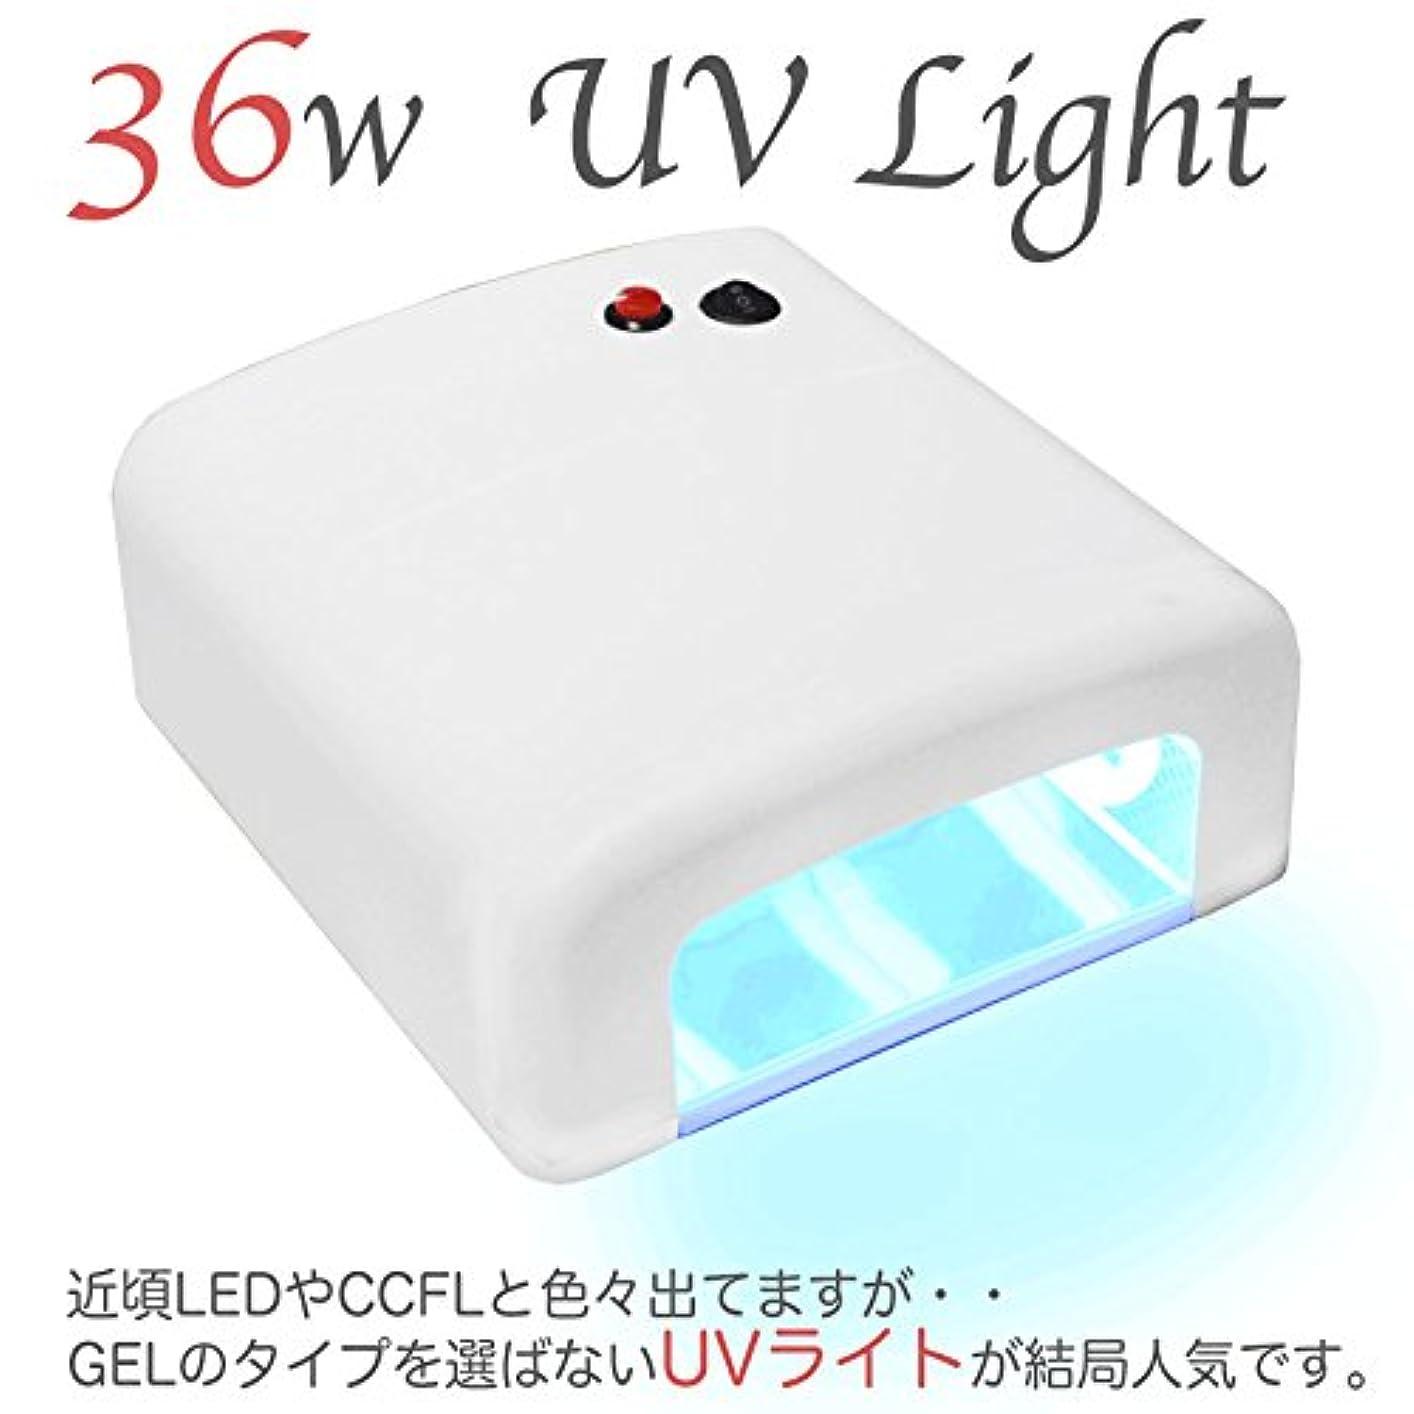 まさに正しく重大36ワット UVライト ジェルネイルだけじゃなくてUVレジンの硬化にも!